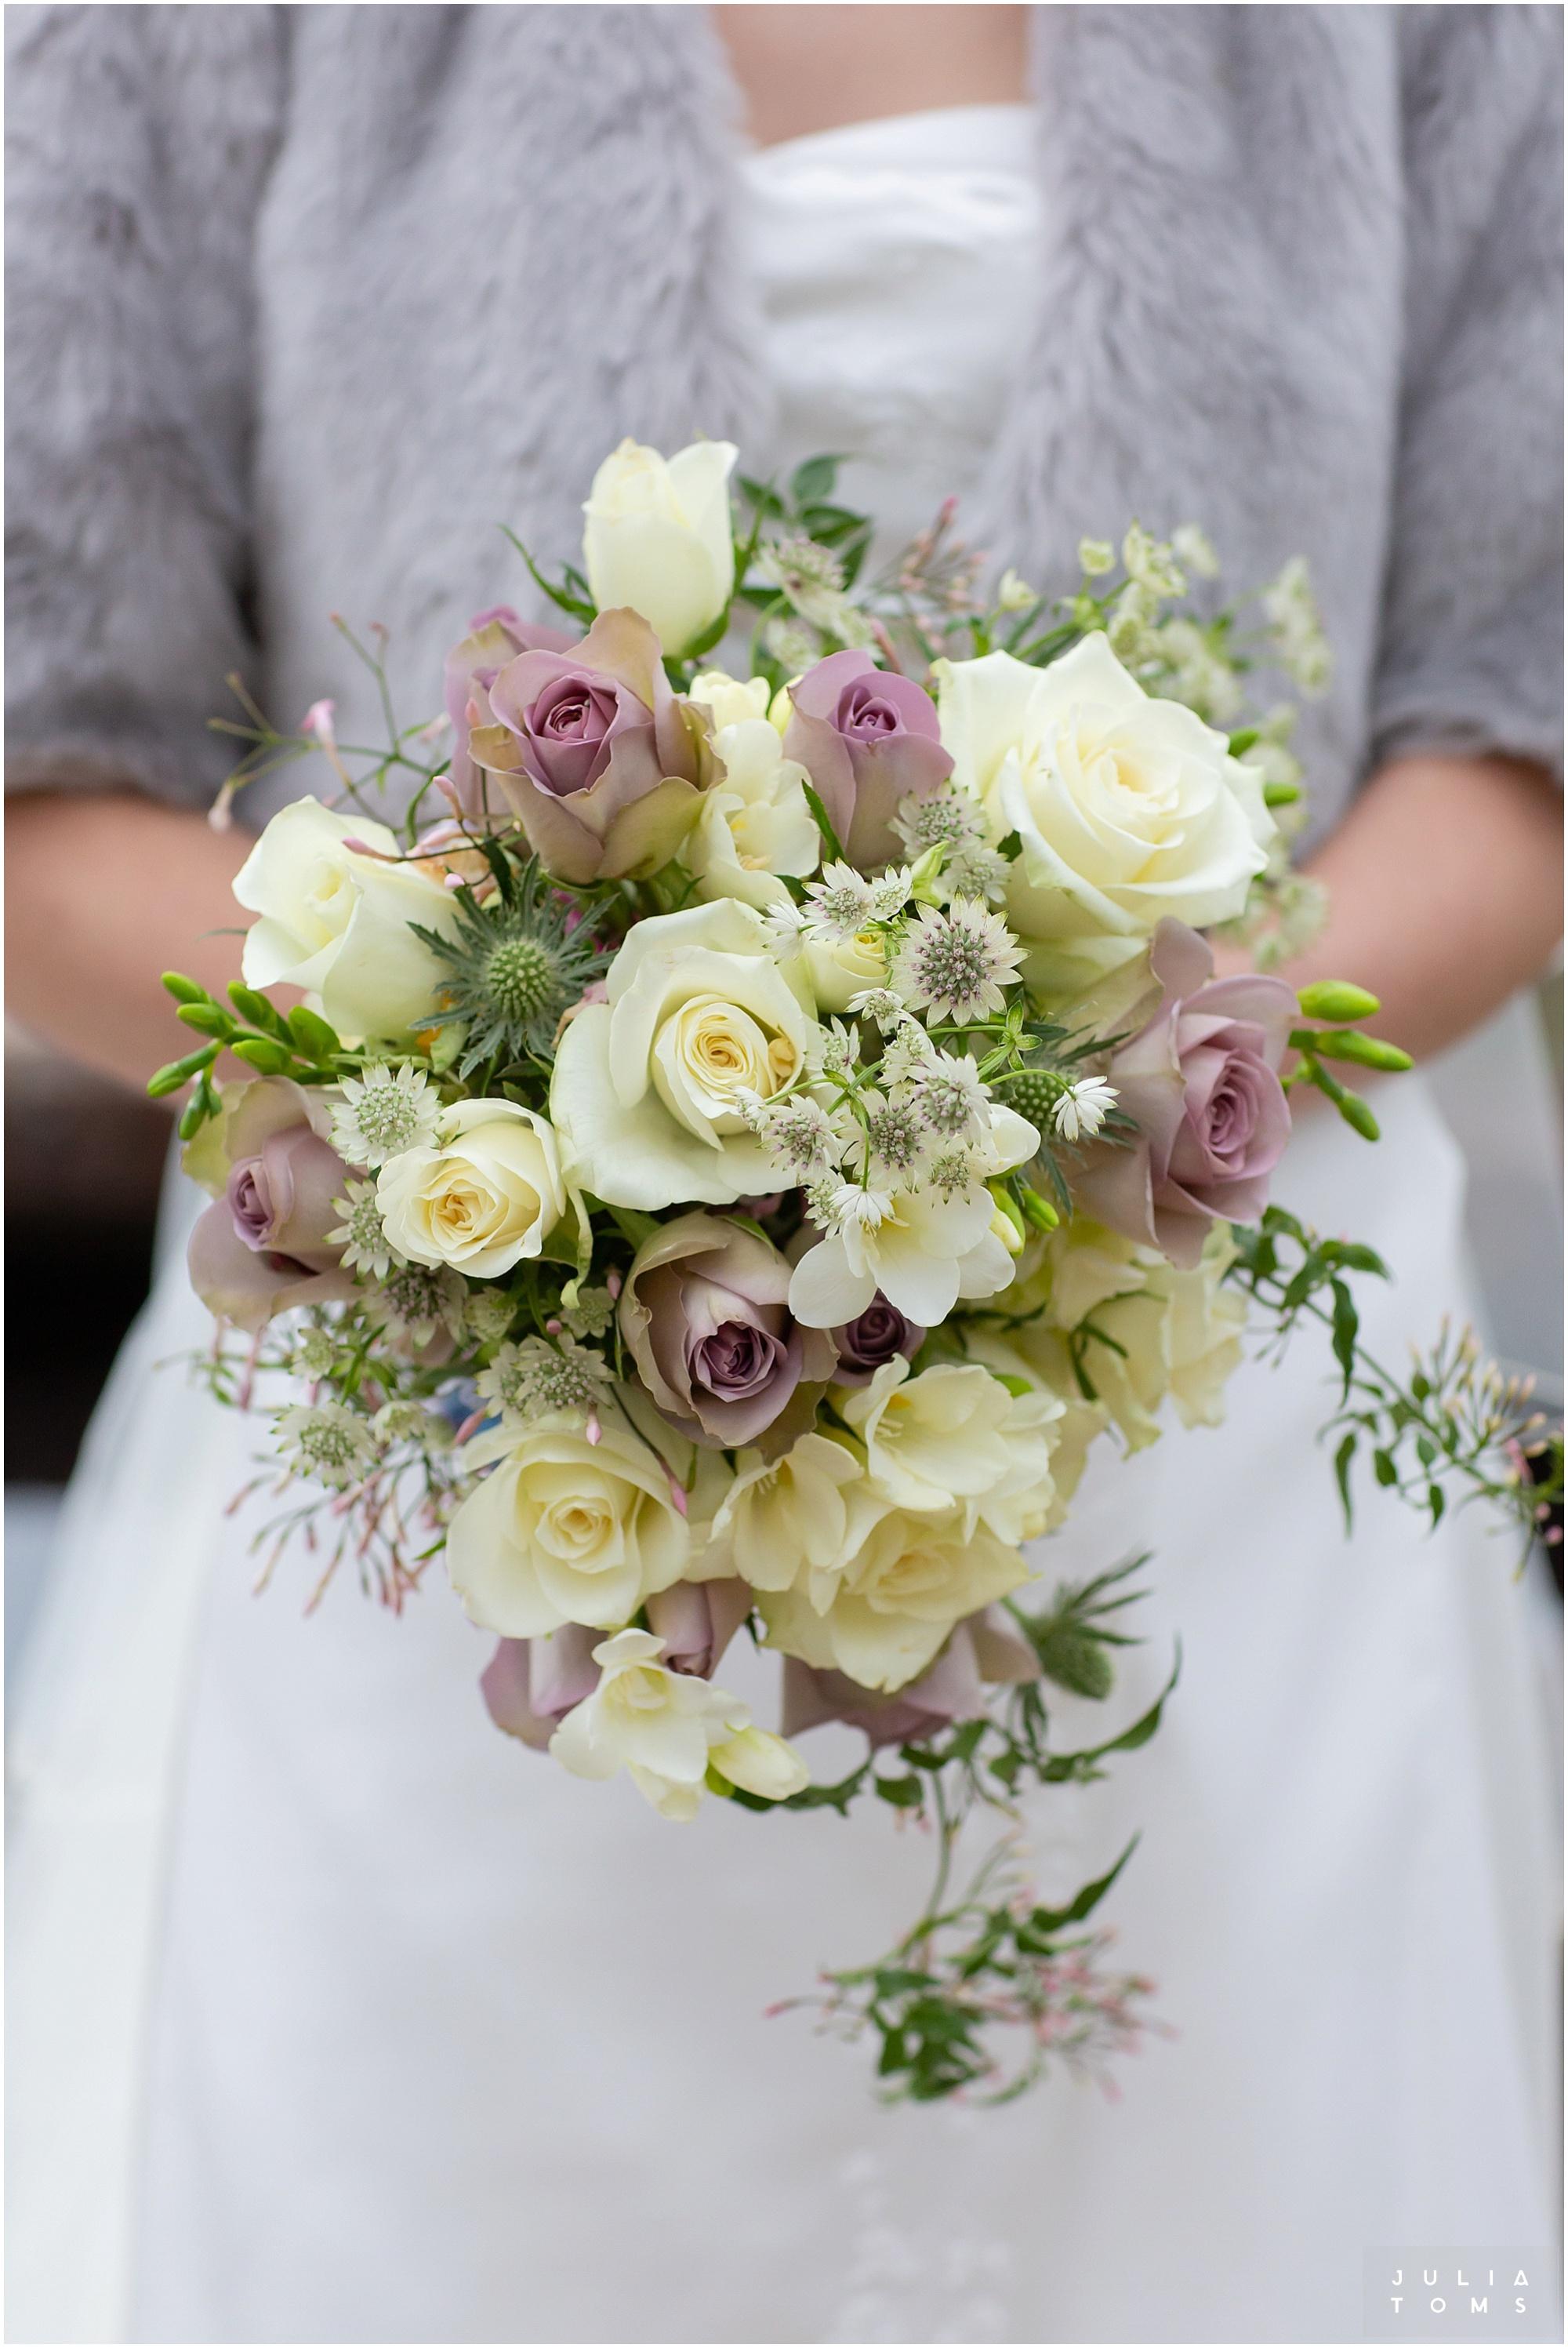 juliatoms_christian_wedding_photogtapher_midhurst_011.jpg